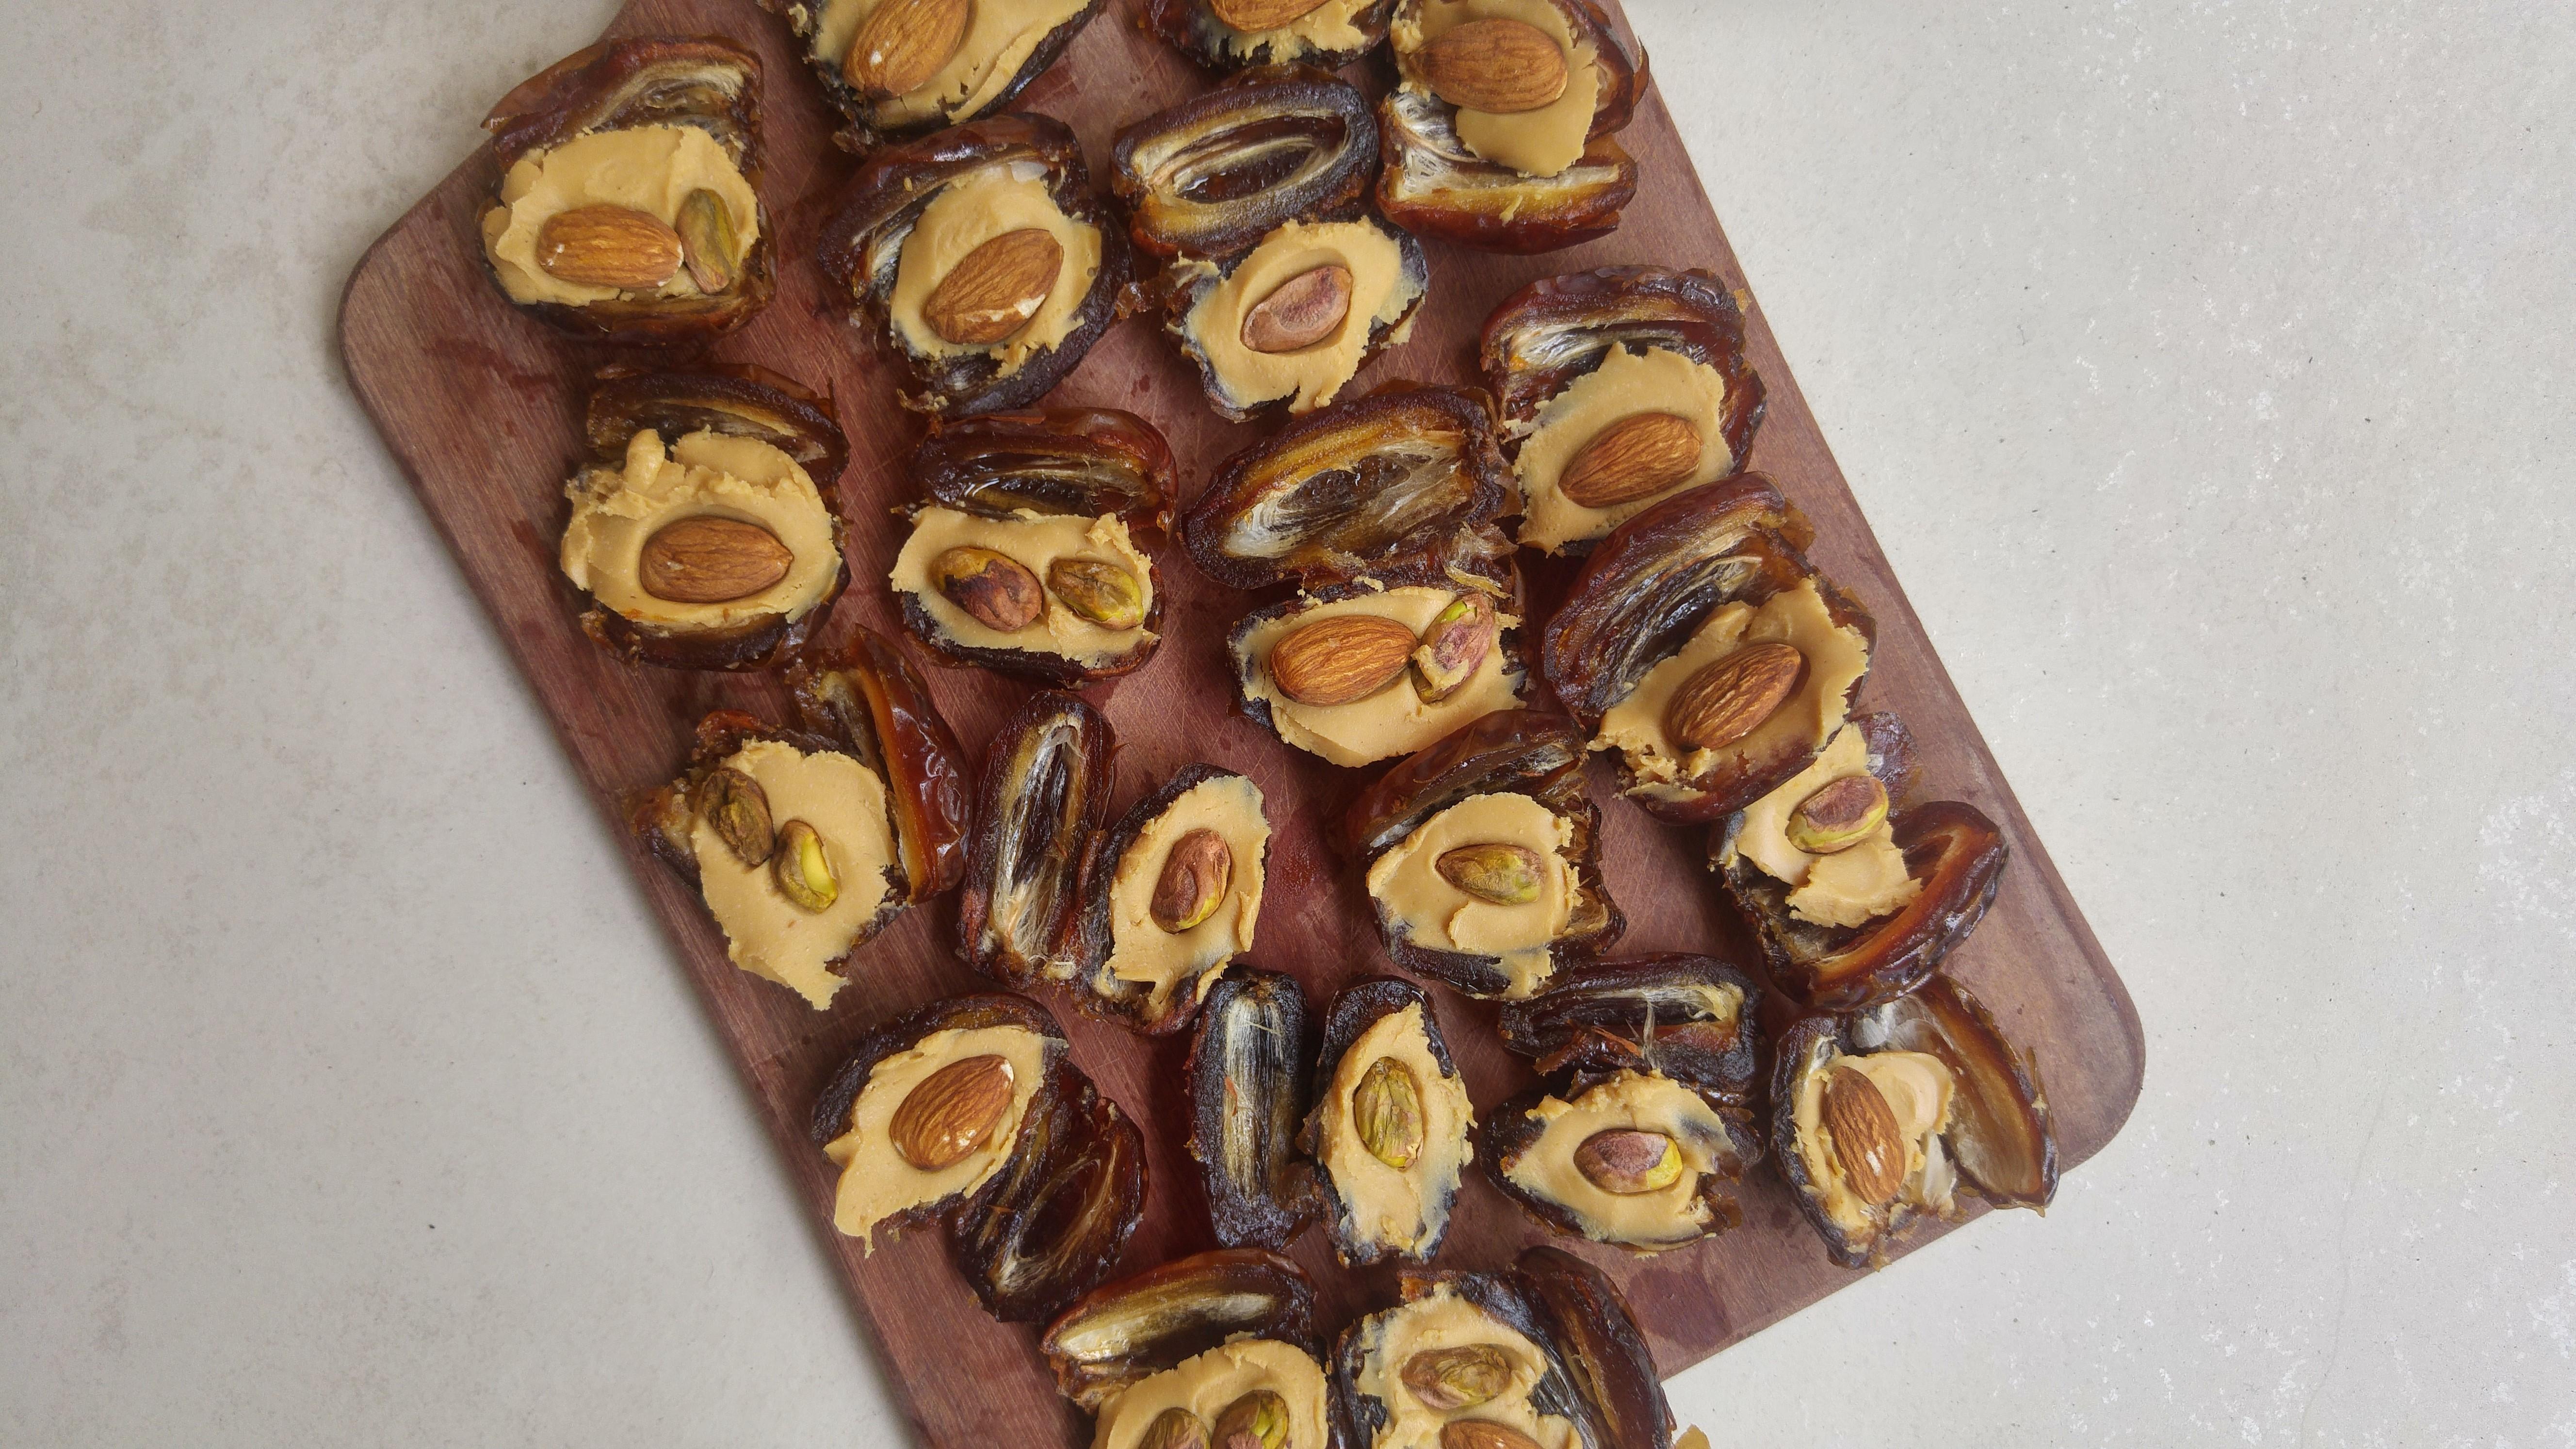 wegańskie cukierki karmelowe z daktyli - przepis